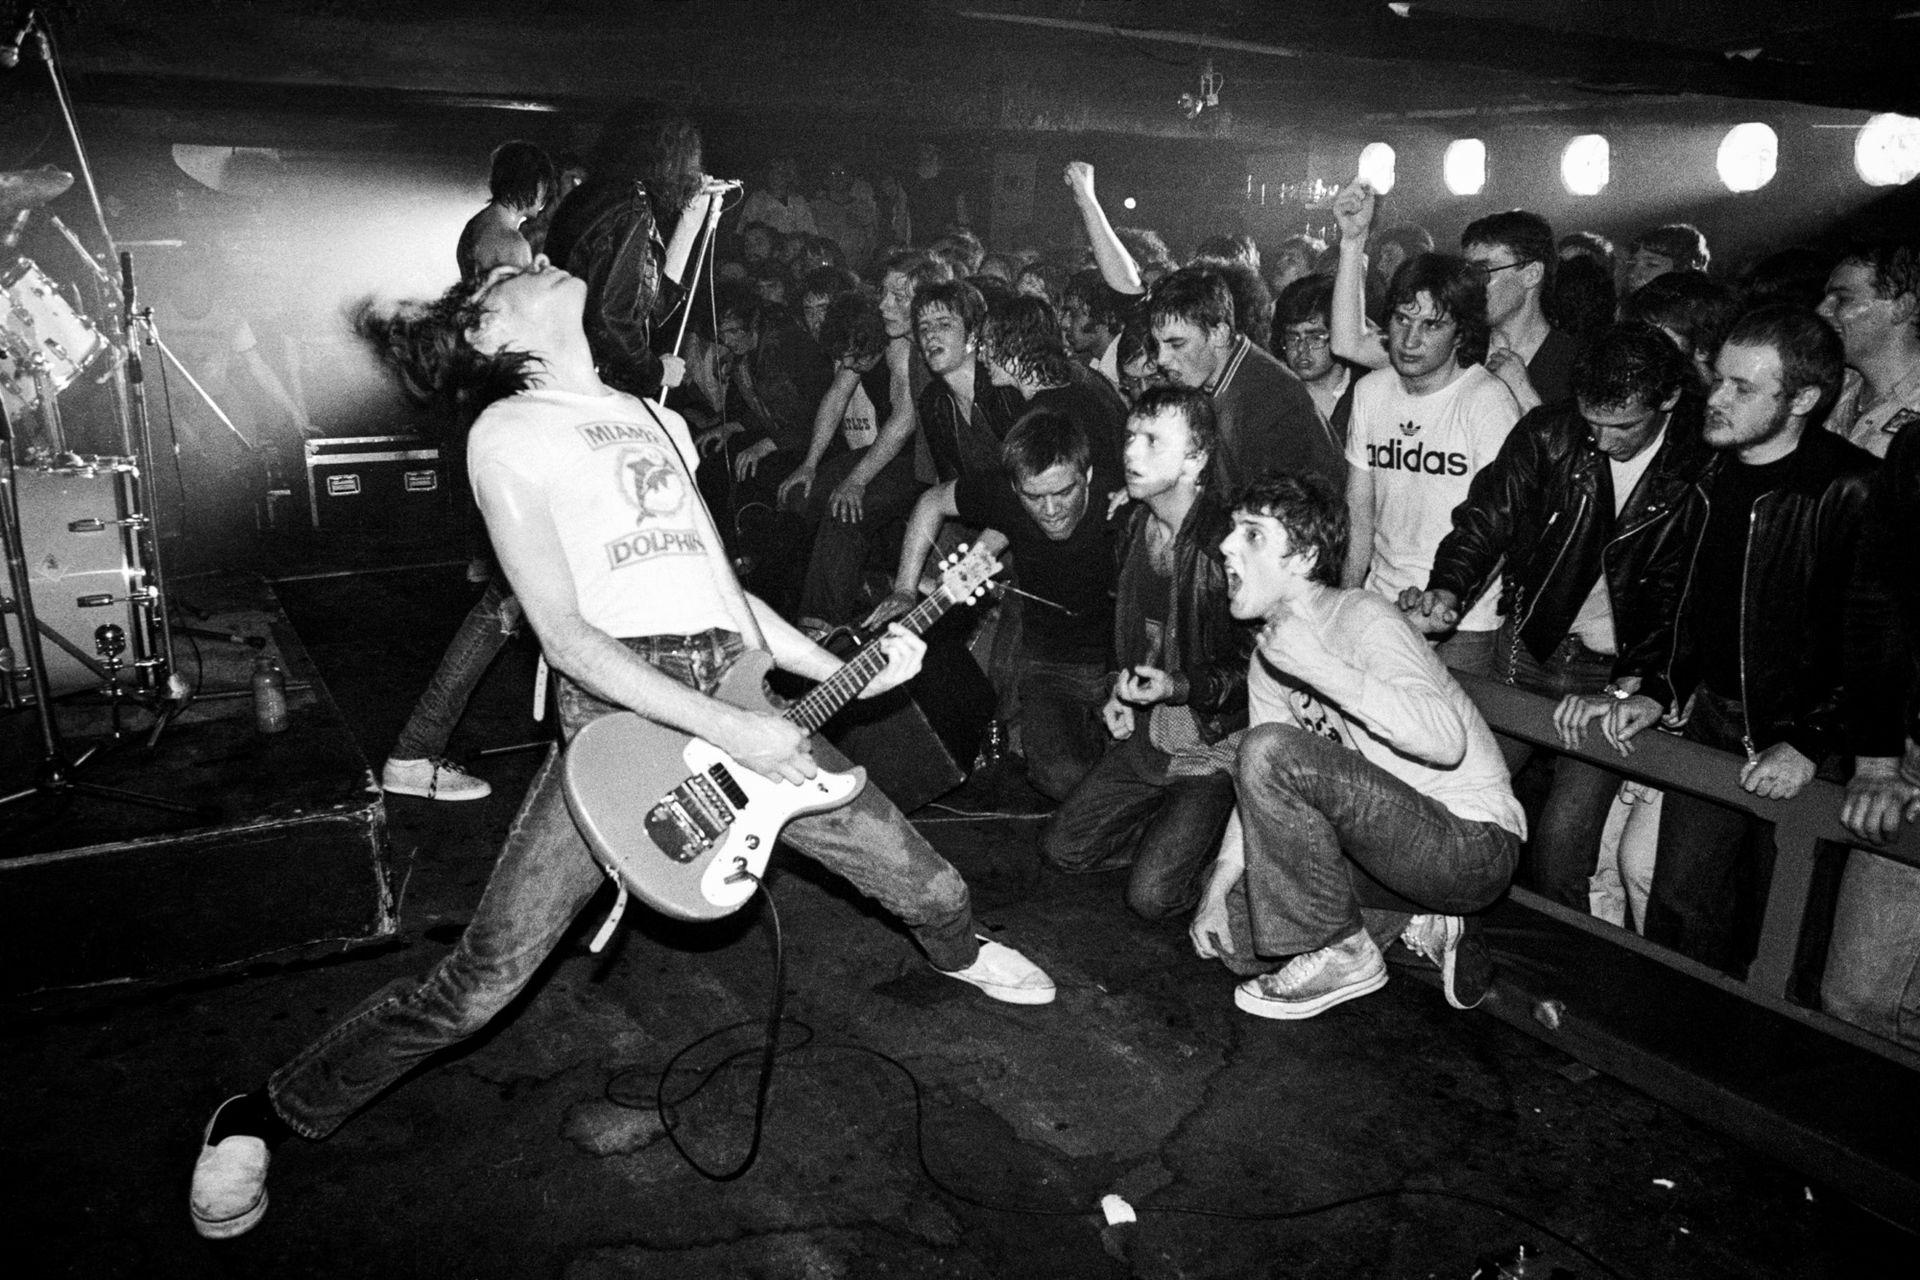 The Ramones/Gira europea/1977: Nadie en la naciente escena del punk en el Reino Unido estaba listo para el ataque de precisión de los Ramones, y tocar ante un público loco por el punk los llevó a hacer sus shows más intensos